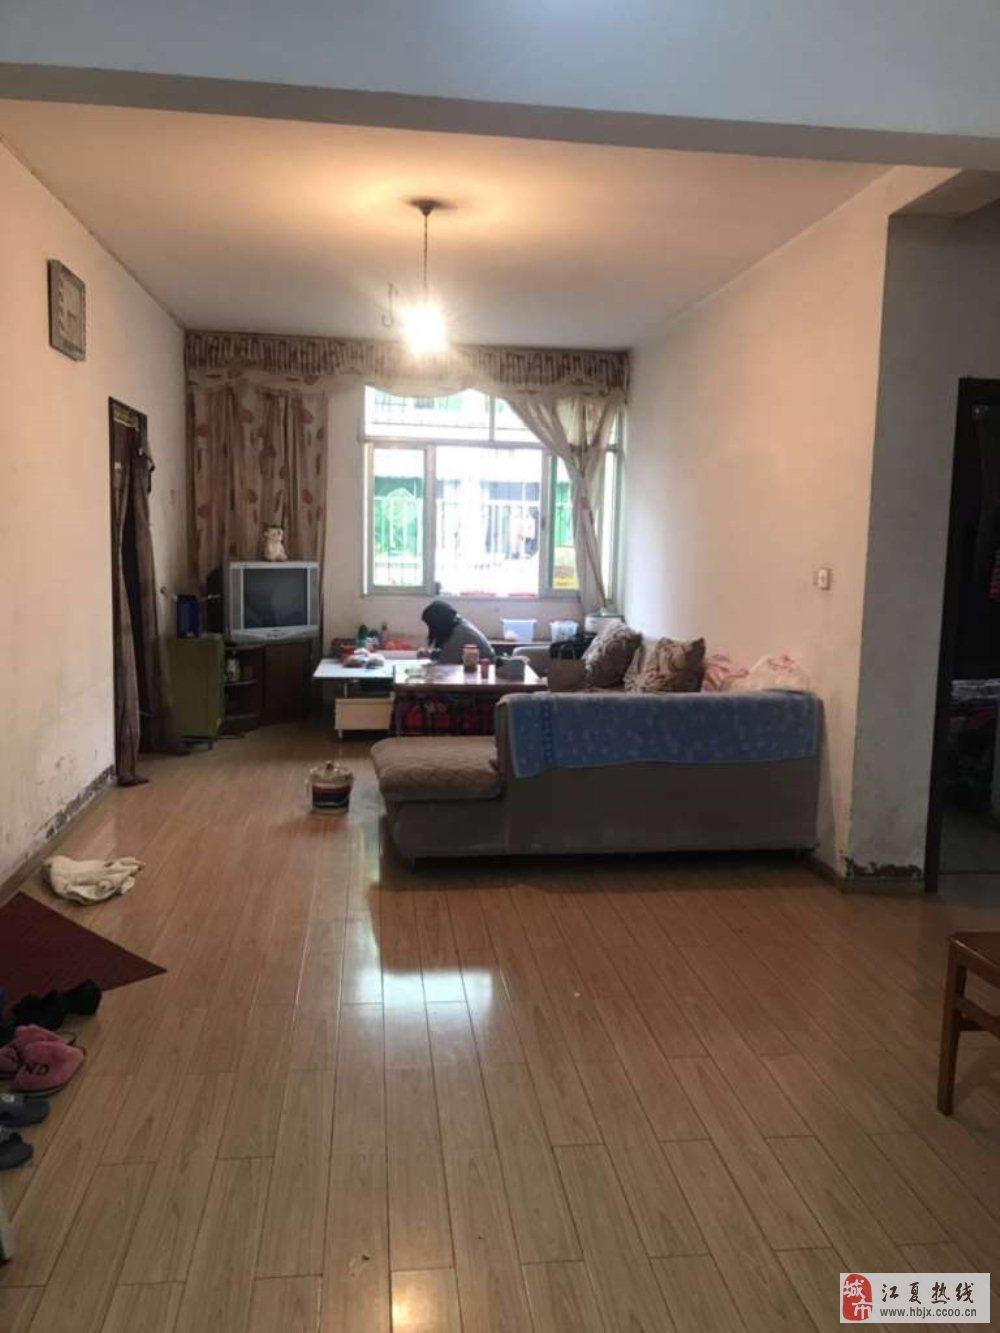 商业街区房   3室2厅1卫90万元  证满五唯一